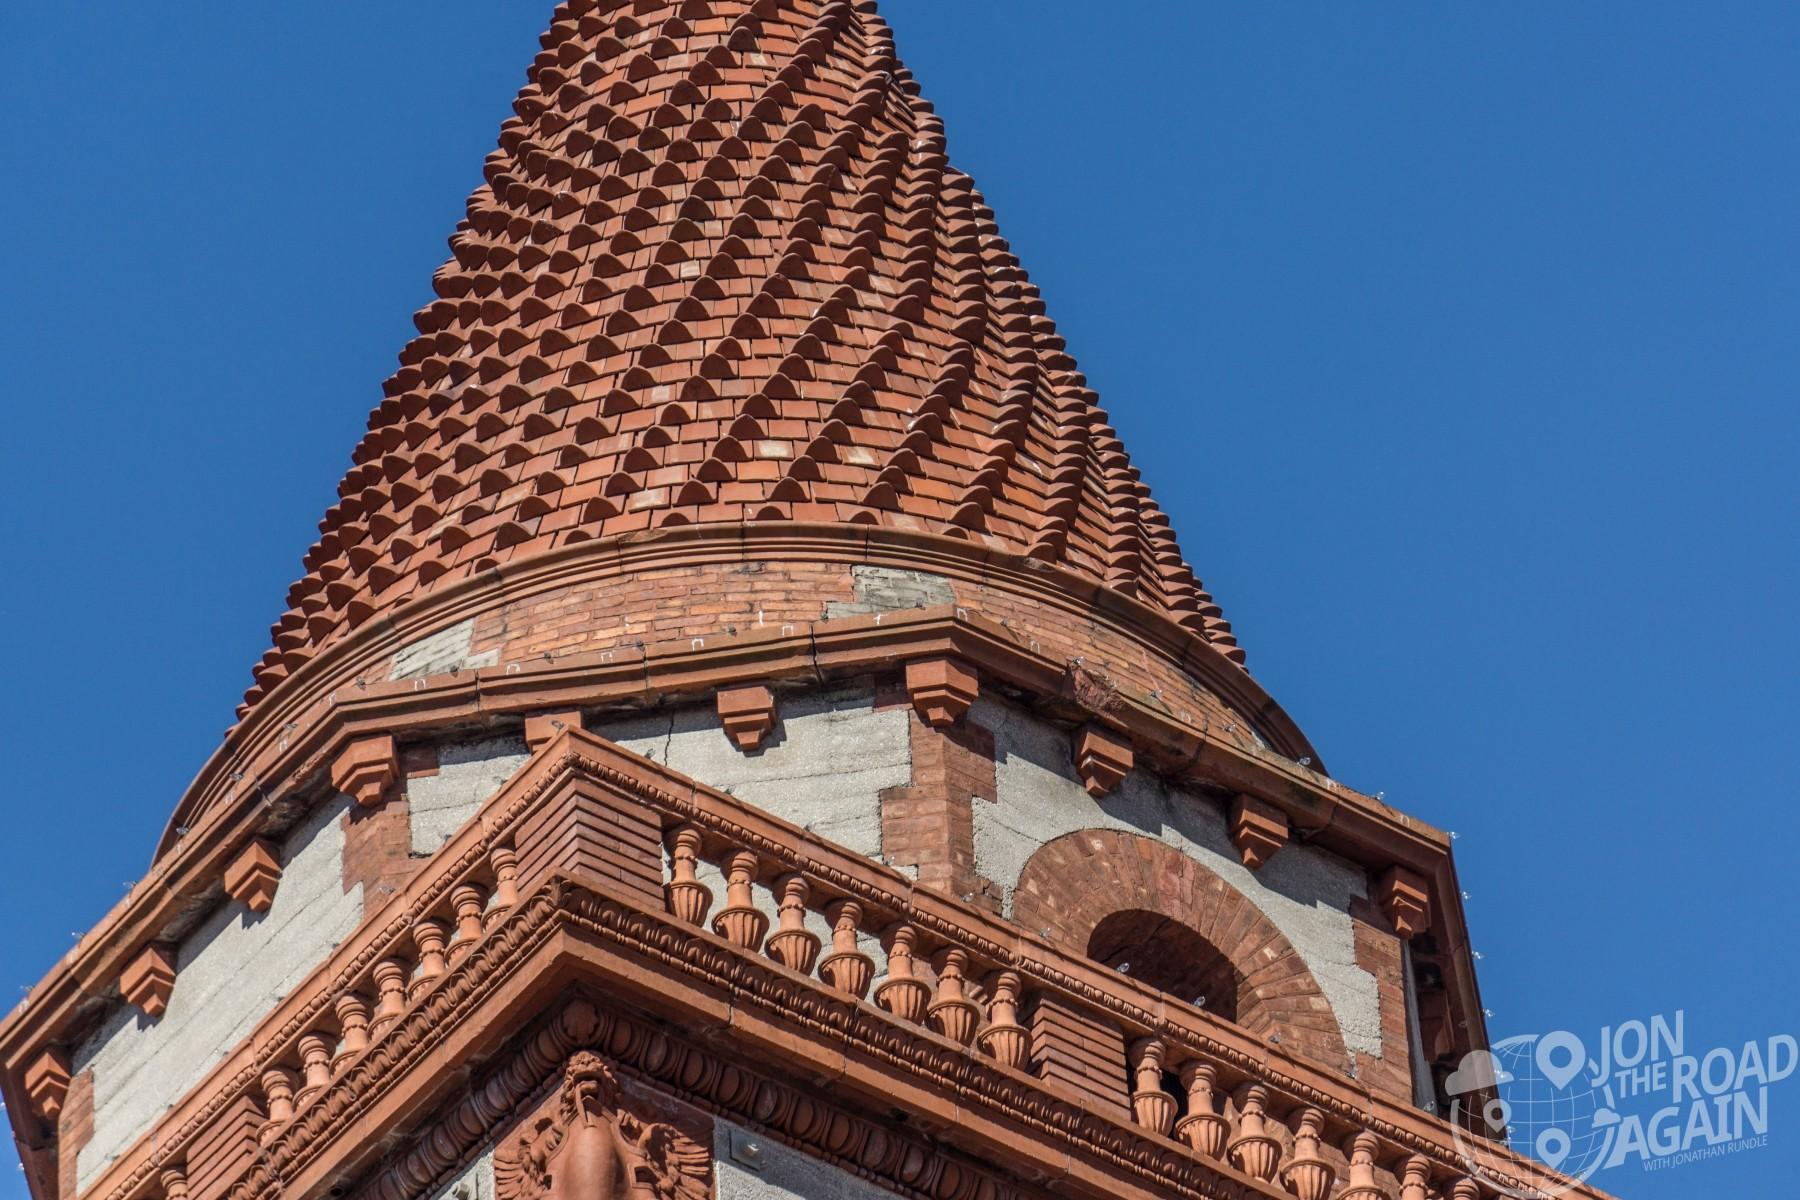 Ponce de Leon hotel / Flagler College tower detail